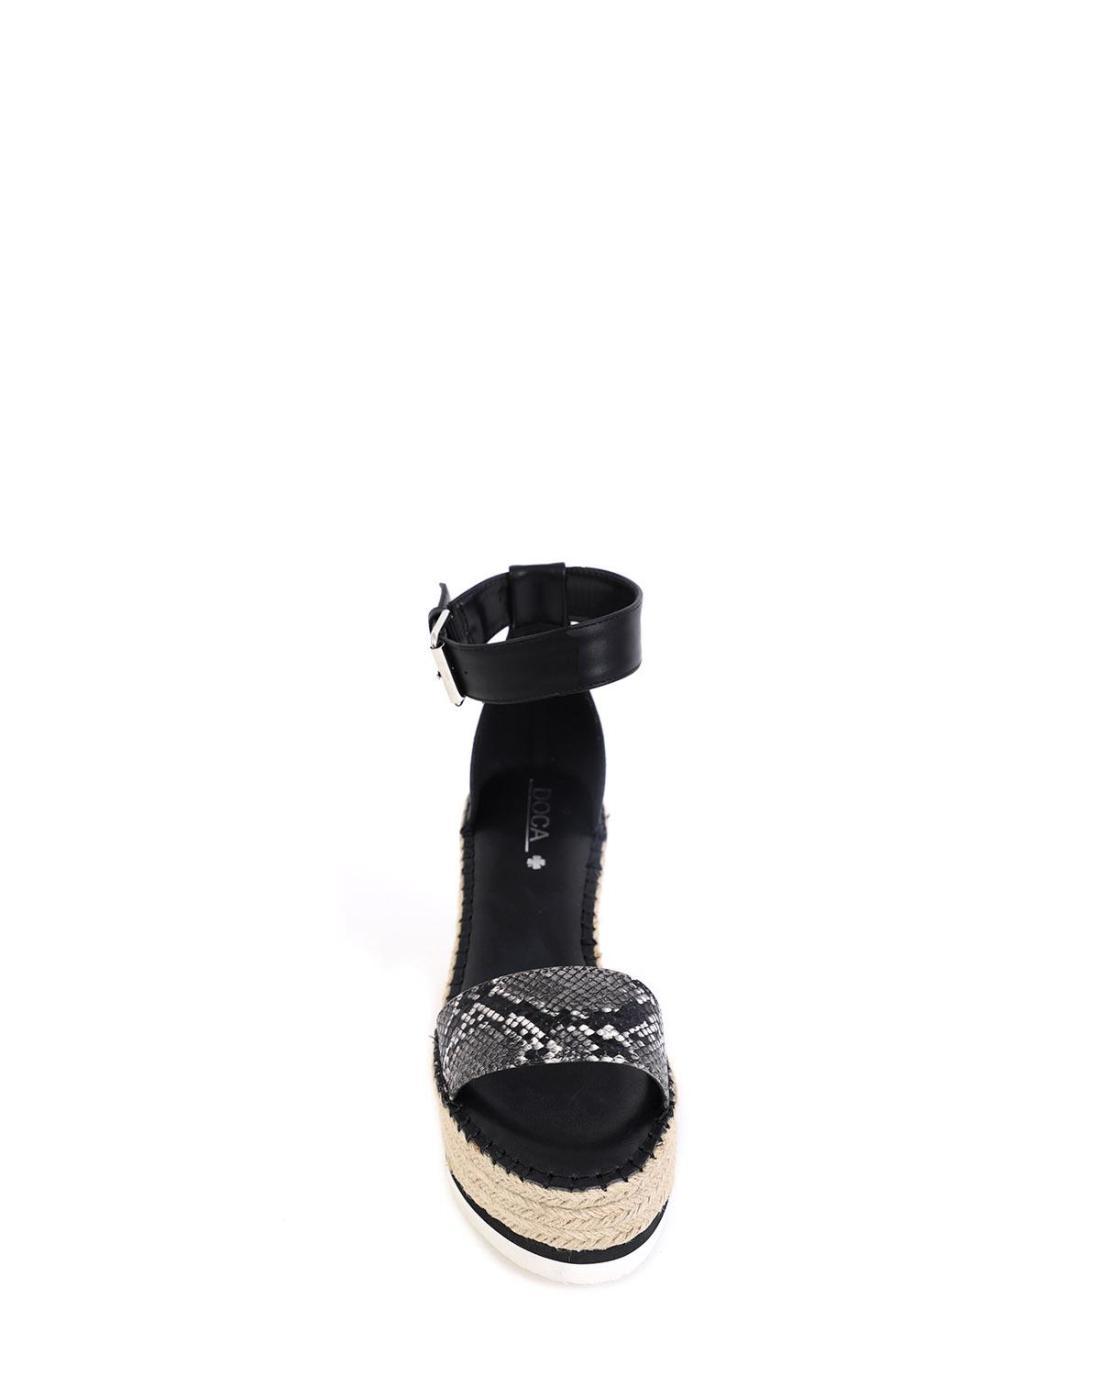 Πέδιλα-πλατφόρμες μαύρες